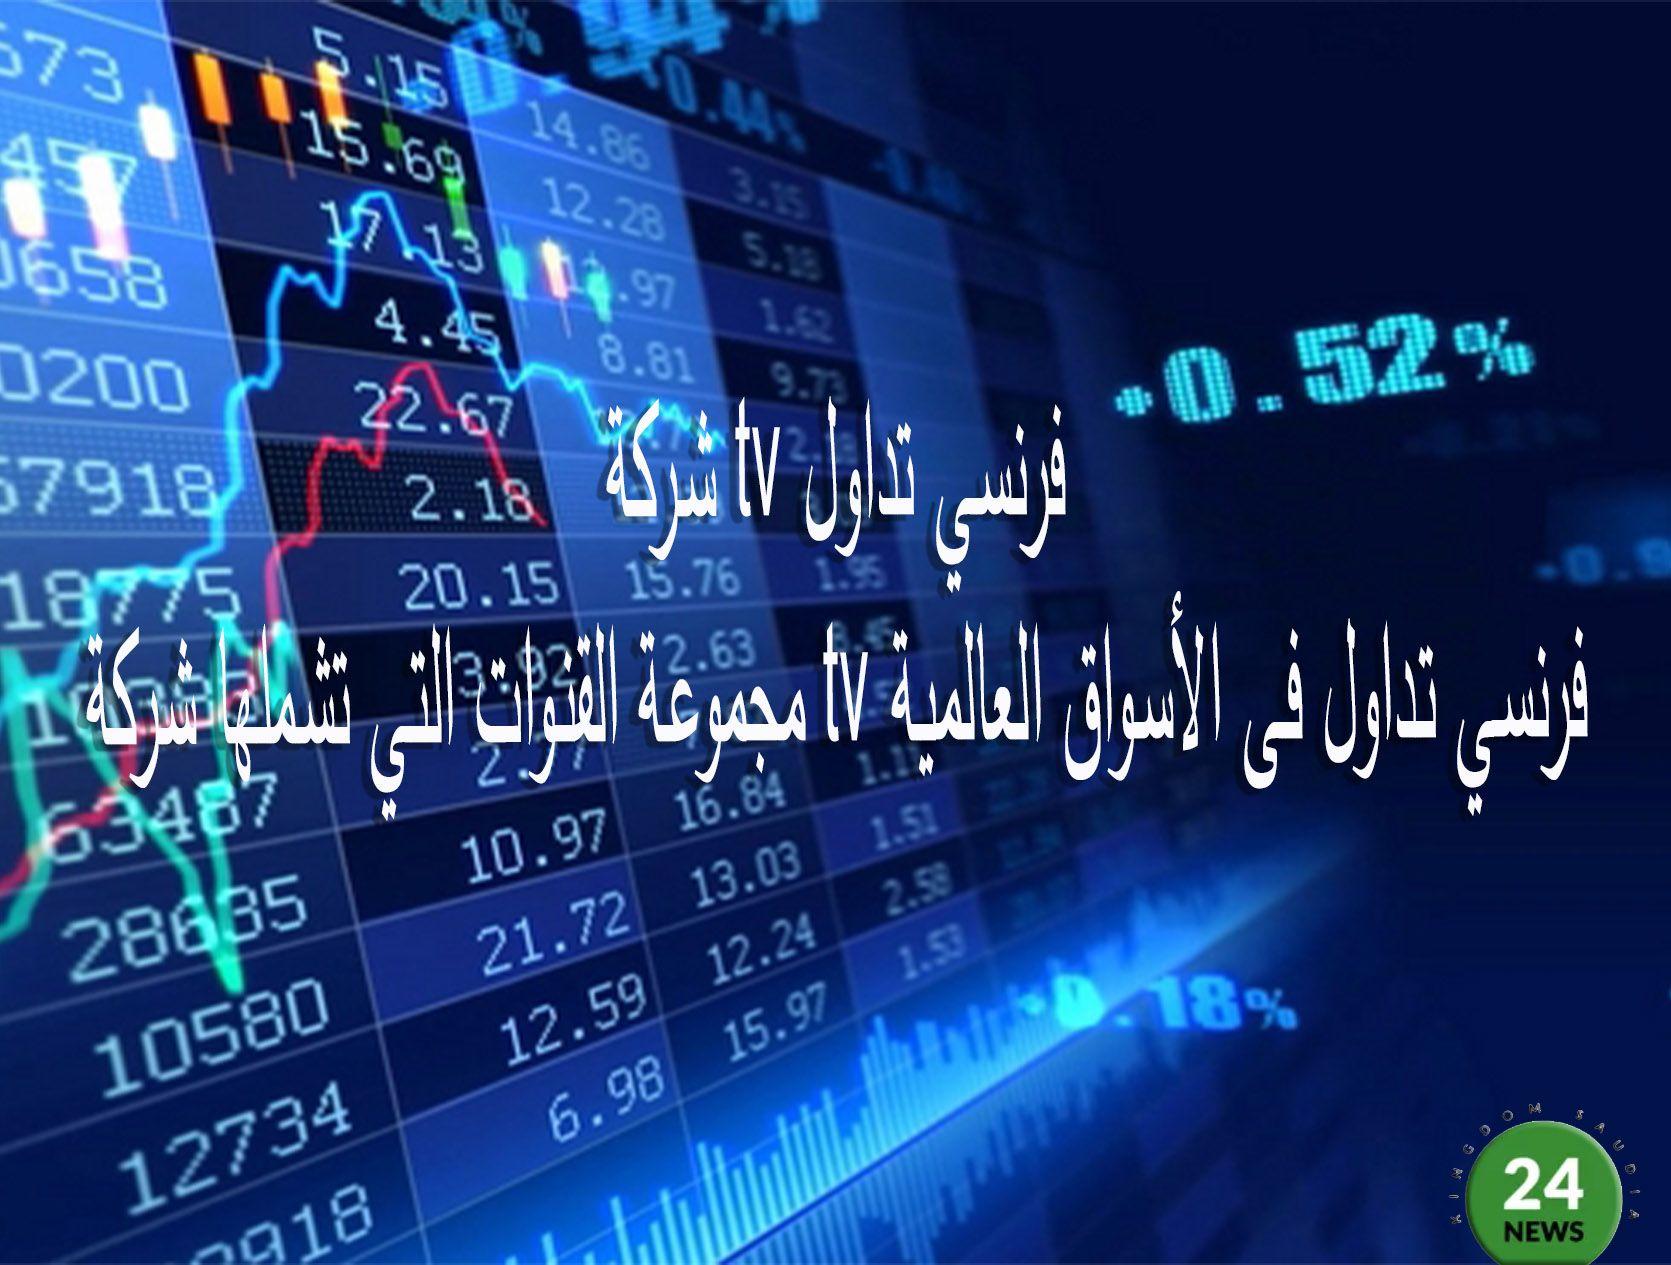 شركة Tv فرنسي تداول مجموعة القنوات التي تشملها شركة Tv فرنسي تداول فى الأسواق العالمية Trading Cannon